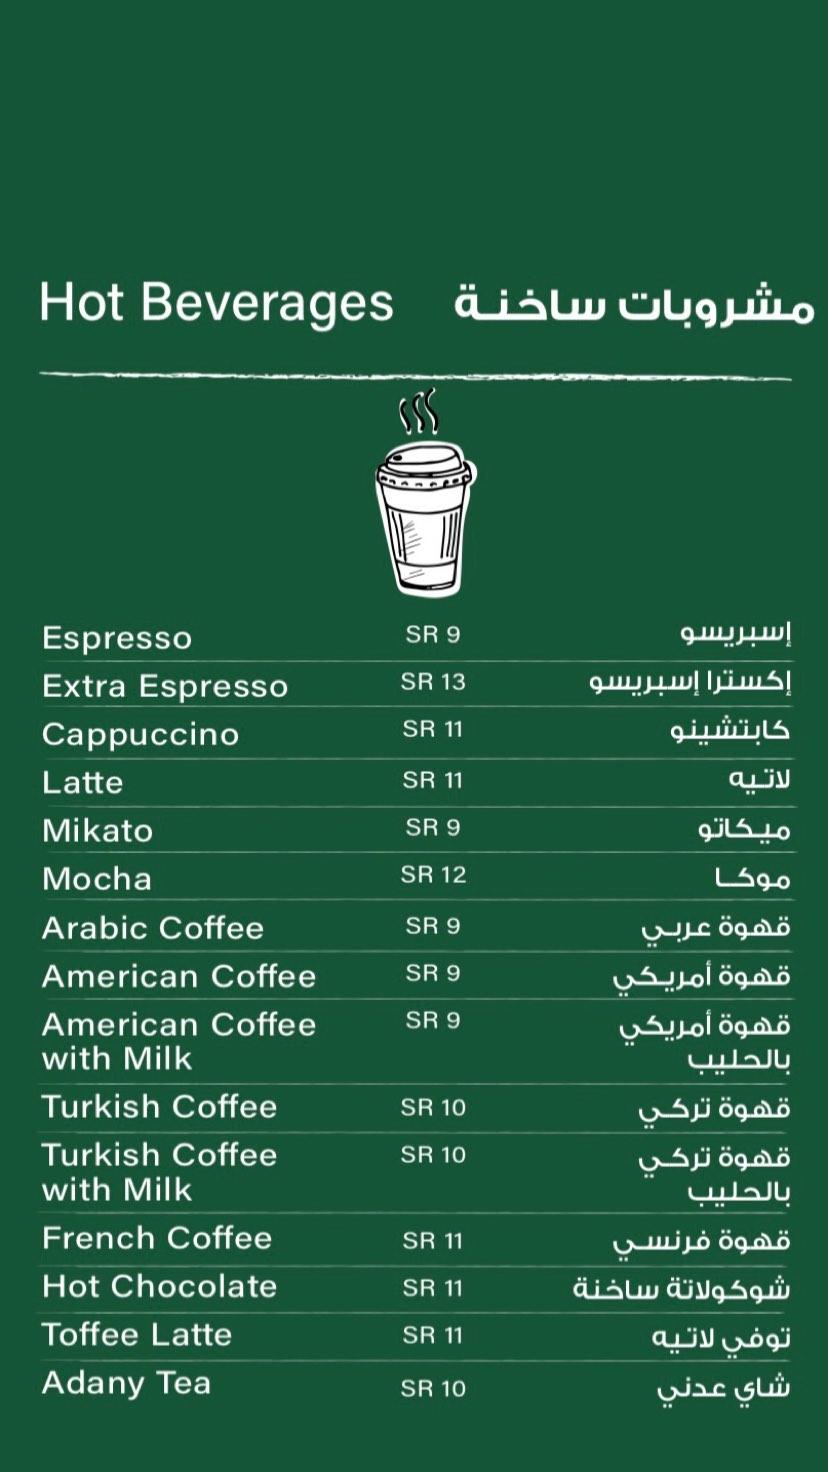 افضل قهوه في بارنيز ودليل أجود أنواع القهوة في بارن كافيه موقع محتويات